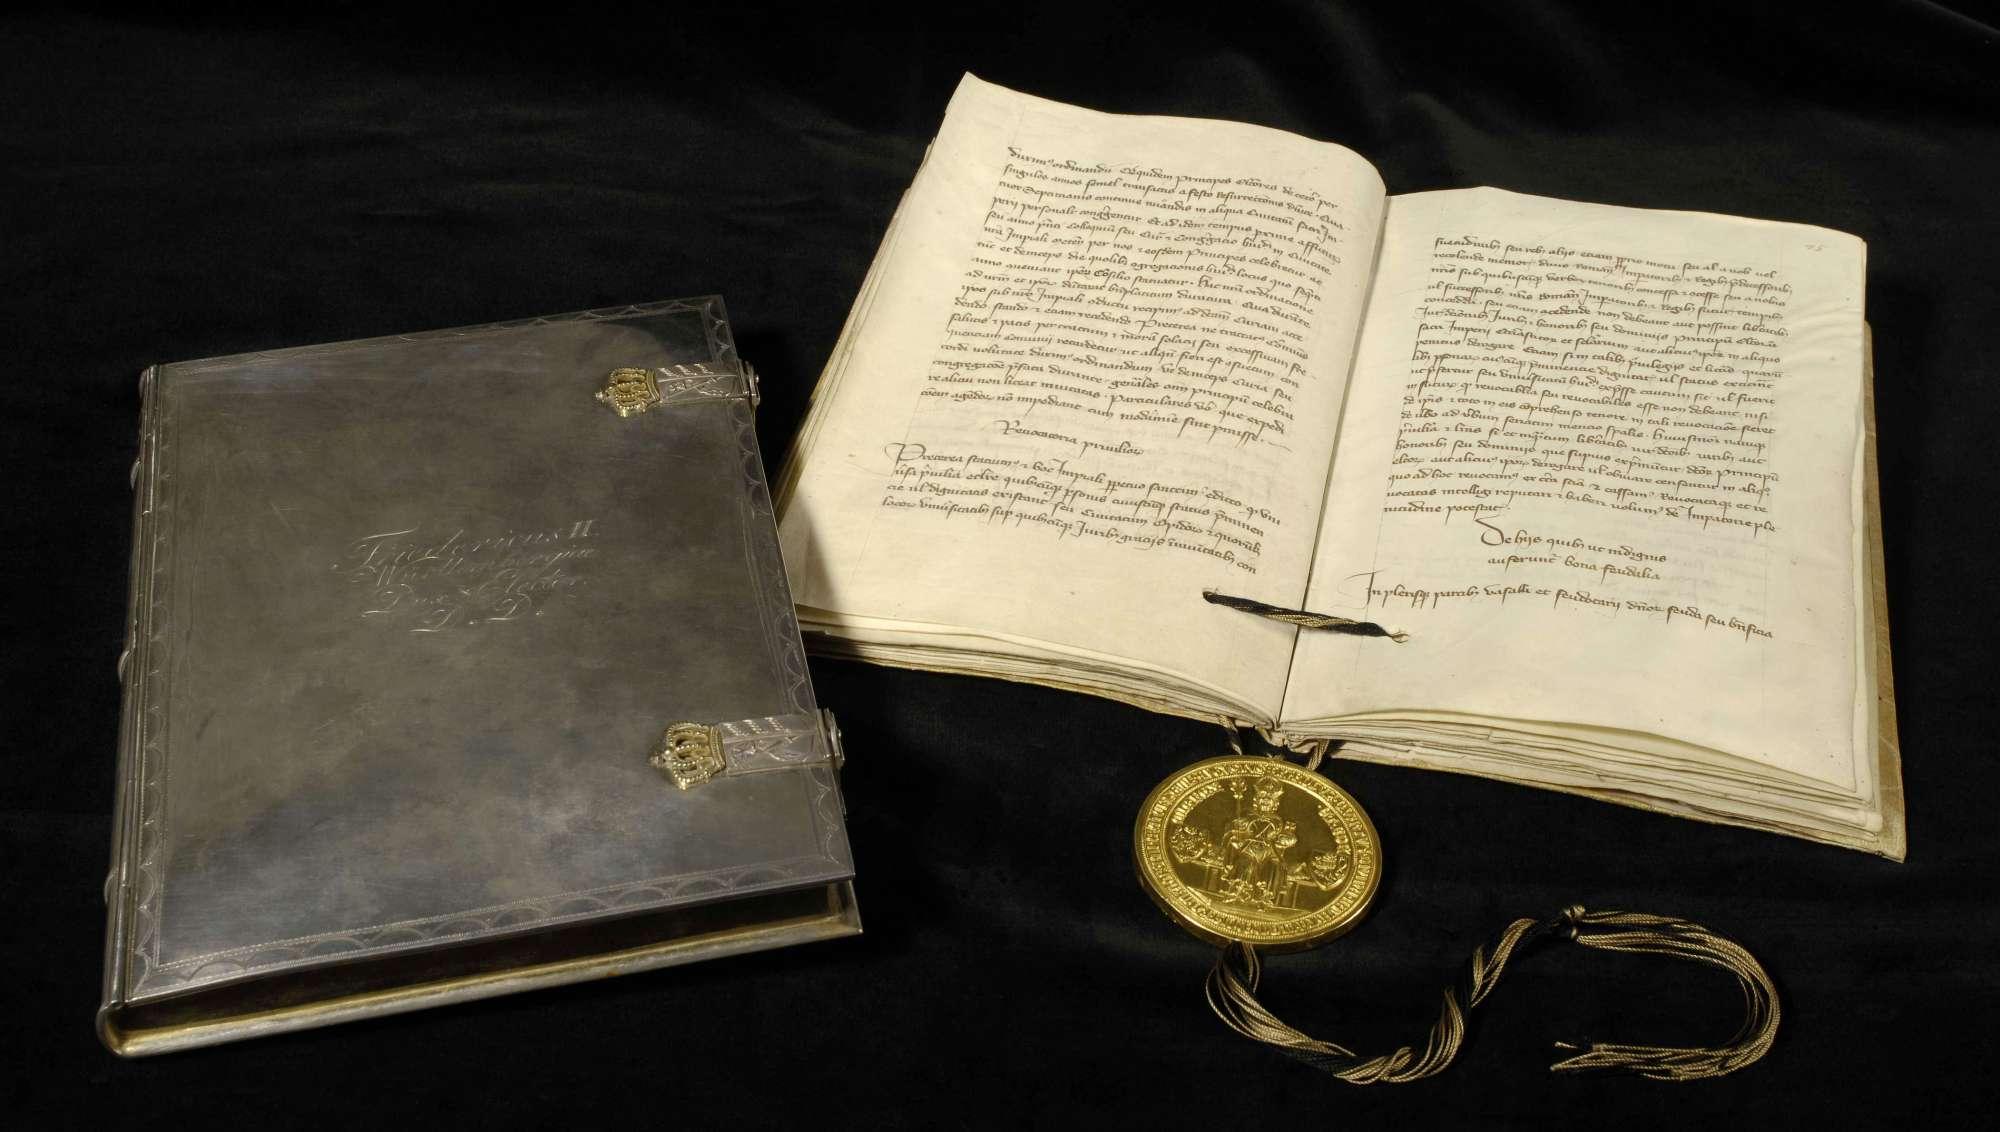 Kaiser Karl publiziert die ersten dreiundzwanzig Kapitel der Goldenen Bulle., Schmuckkassette